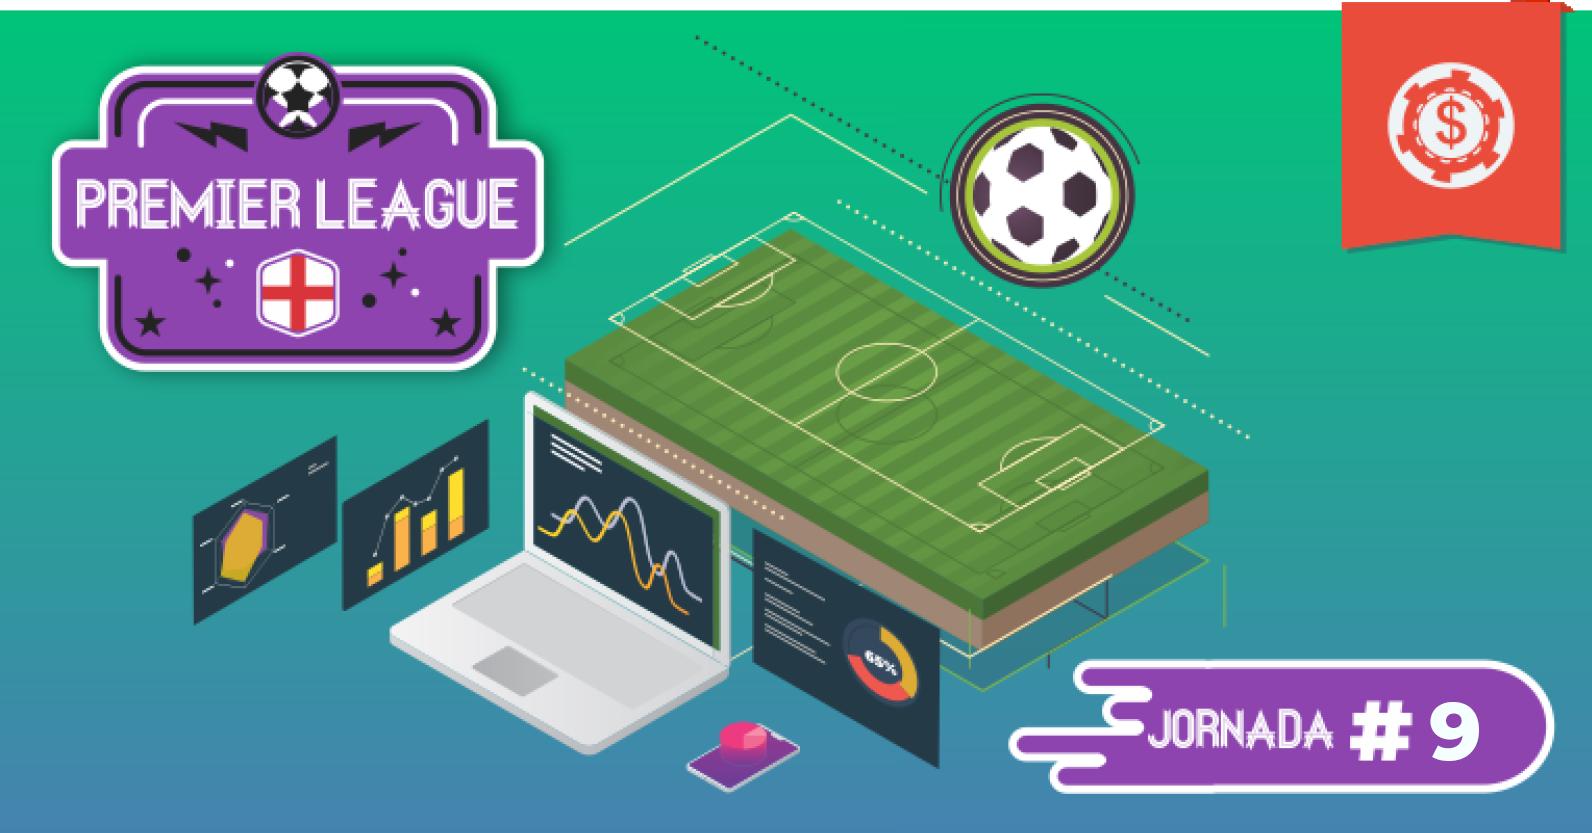 profundidad Hola Domar  Pronósticos Fútbol Inglés • Apuestas Club • Aprende a hacer dinero de las  apuestas